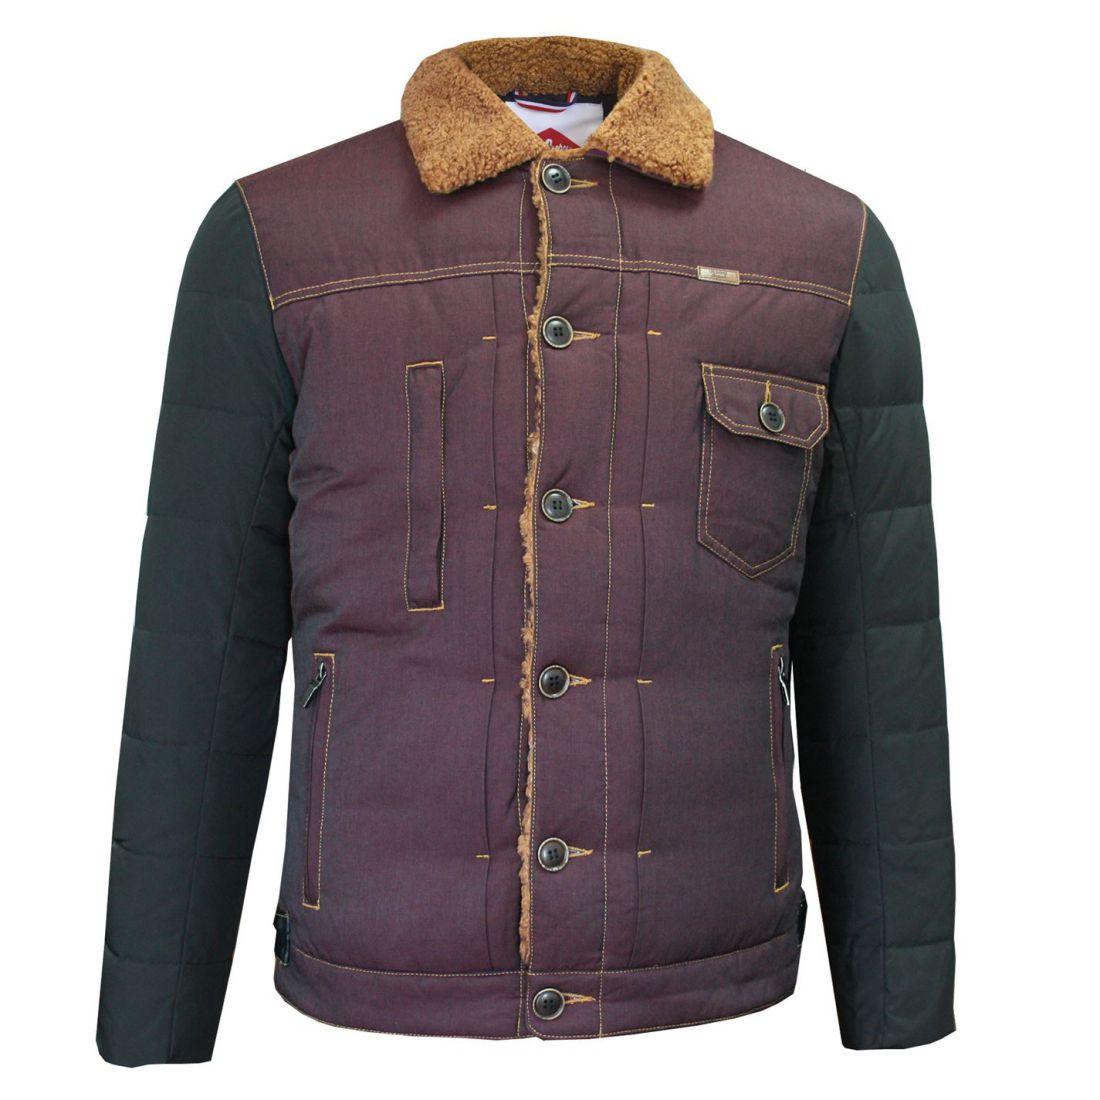 gamme complète de spécifications gamme complète de spécifications grand choix de Détails sur Lee Cooper Homme Sherpa Contraste Veste Down manteau Top-  afficher le titre d'origine